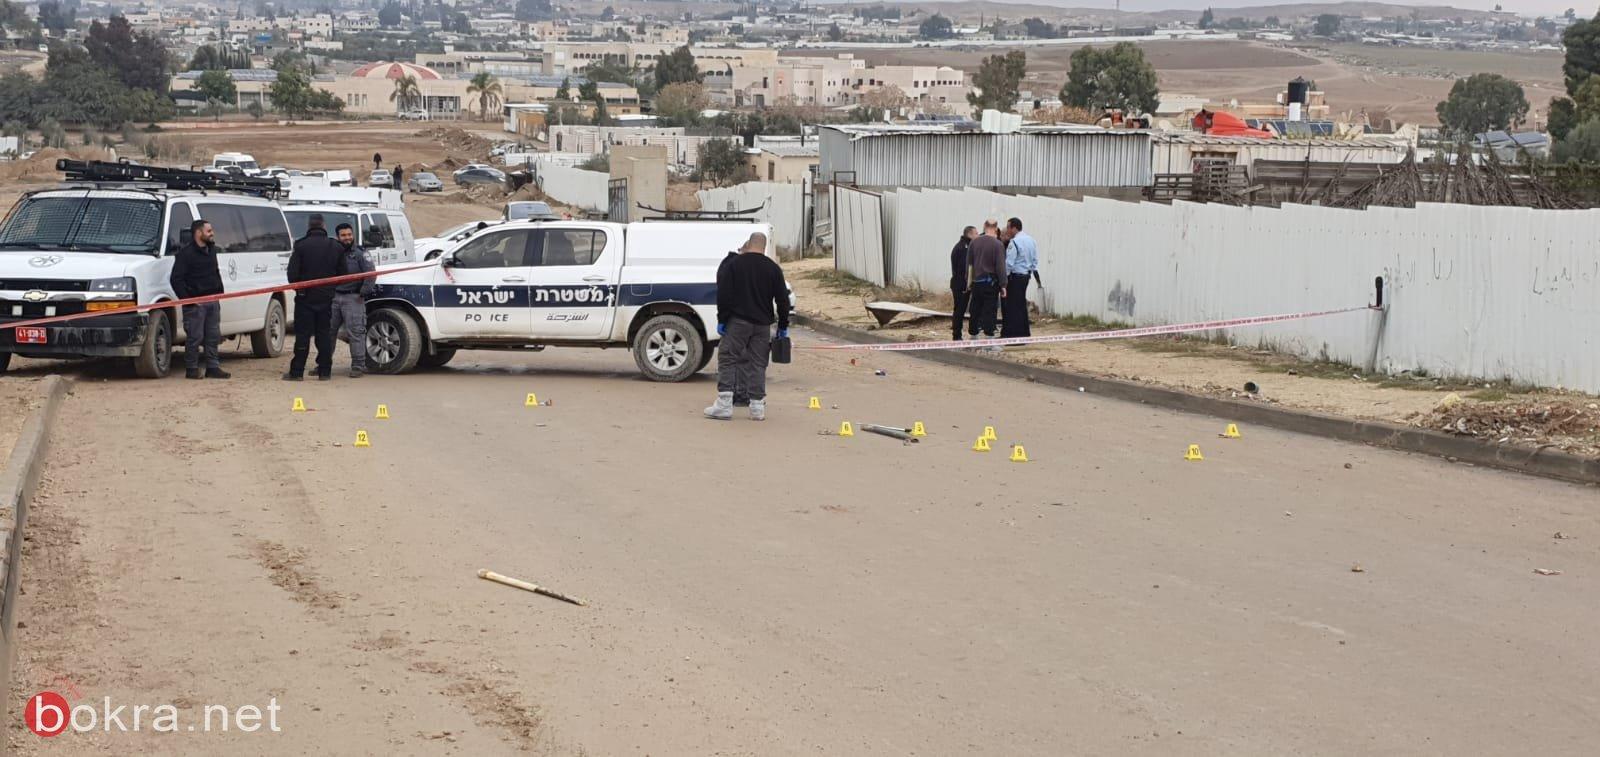 جريمة قتل أمام طلاب المدرسة في قرية السيّد في النقب!